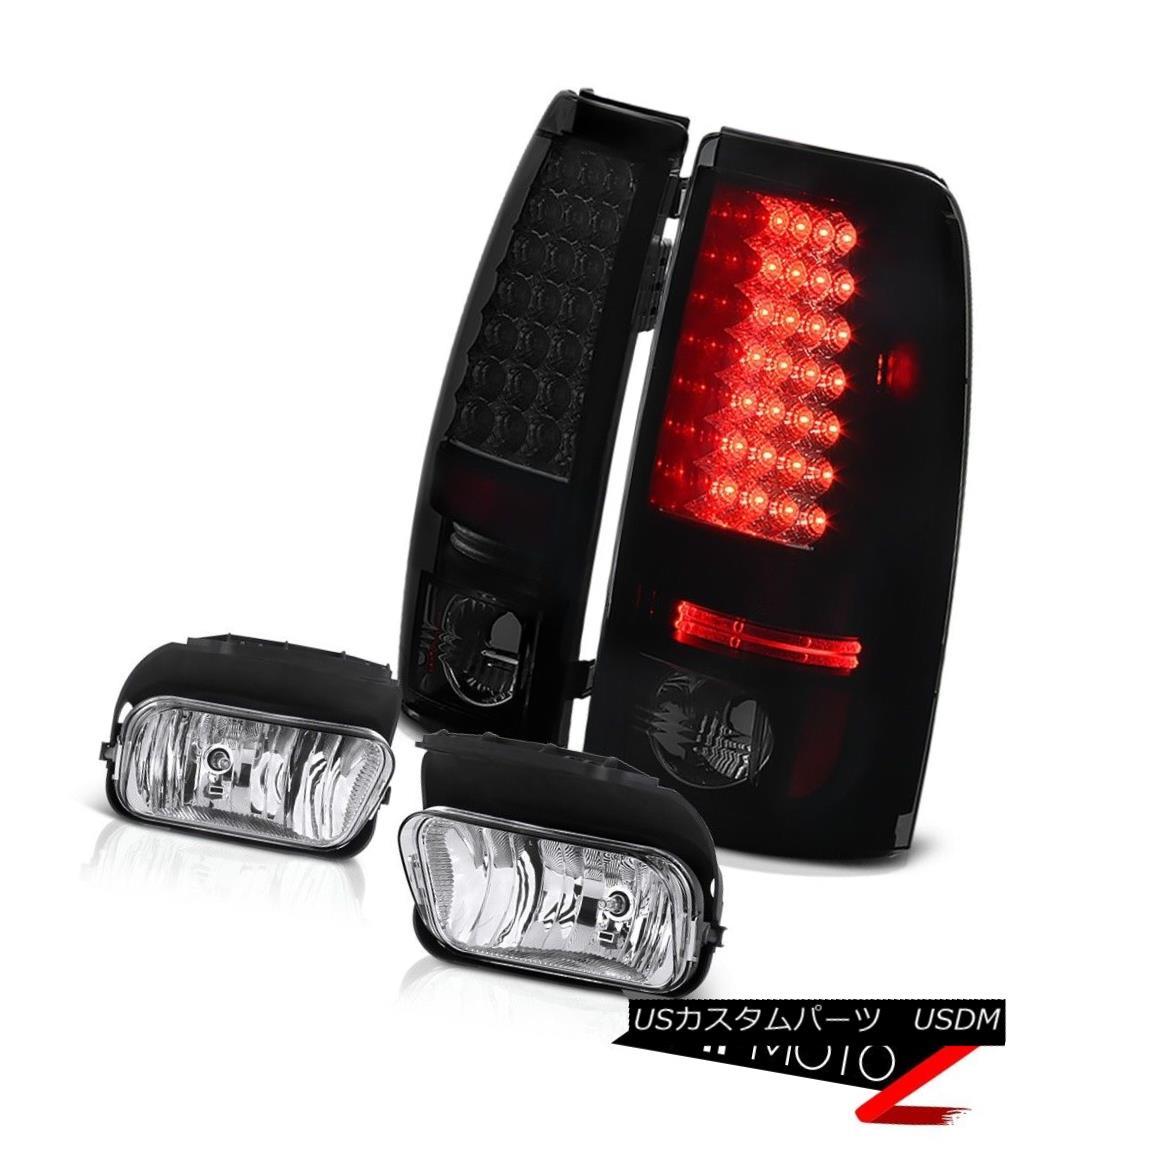 テールライト Bright Rear Brake Lamp Tail Light Driving Foglights 03 04 05 06 Silverado 2500HD ブライトリアブレーキランプテールライトドライビングフォグライト03 04 05 06シルバラード2500HD